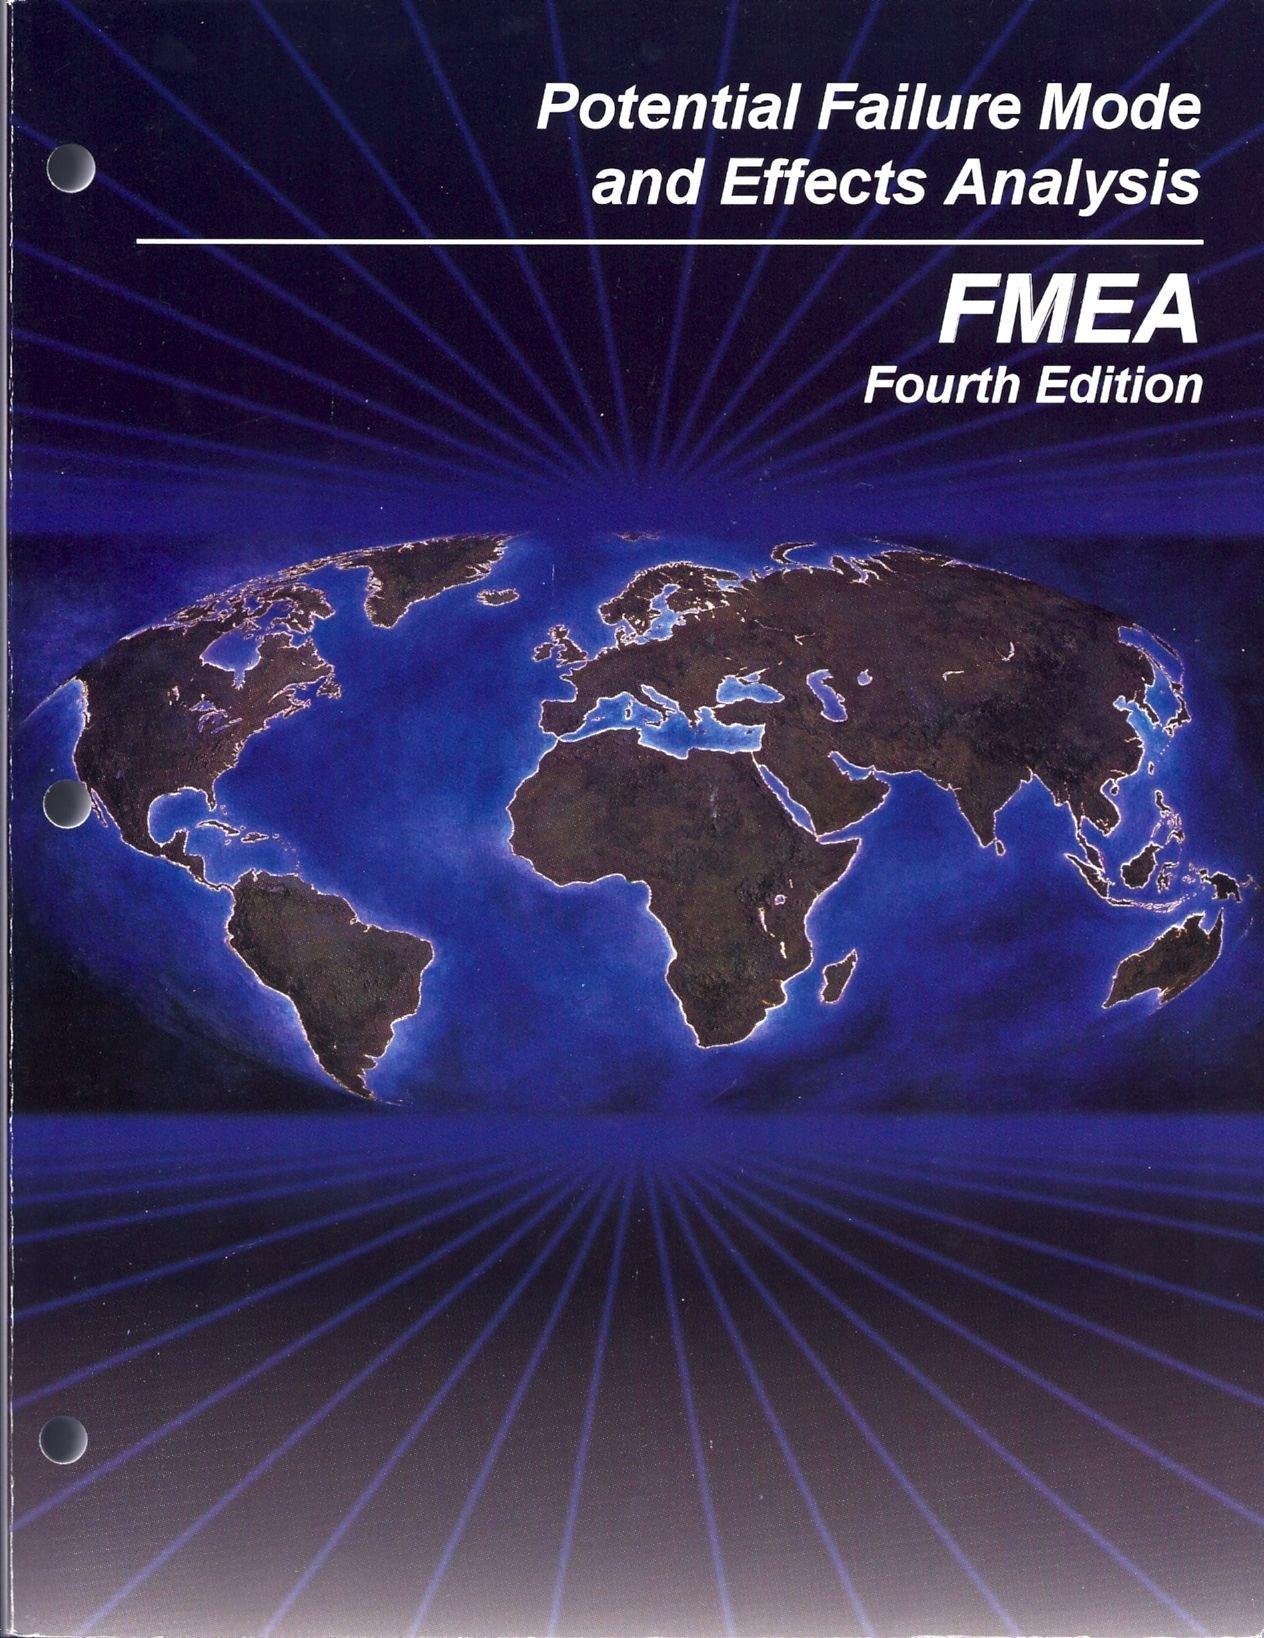 aiag fmea manual 4th edition